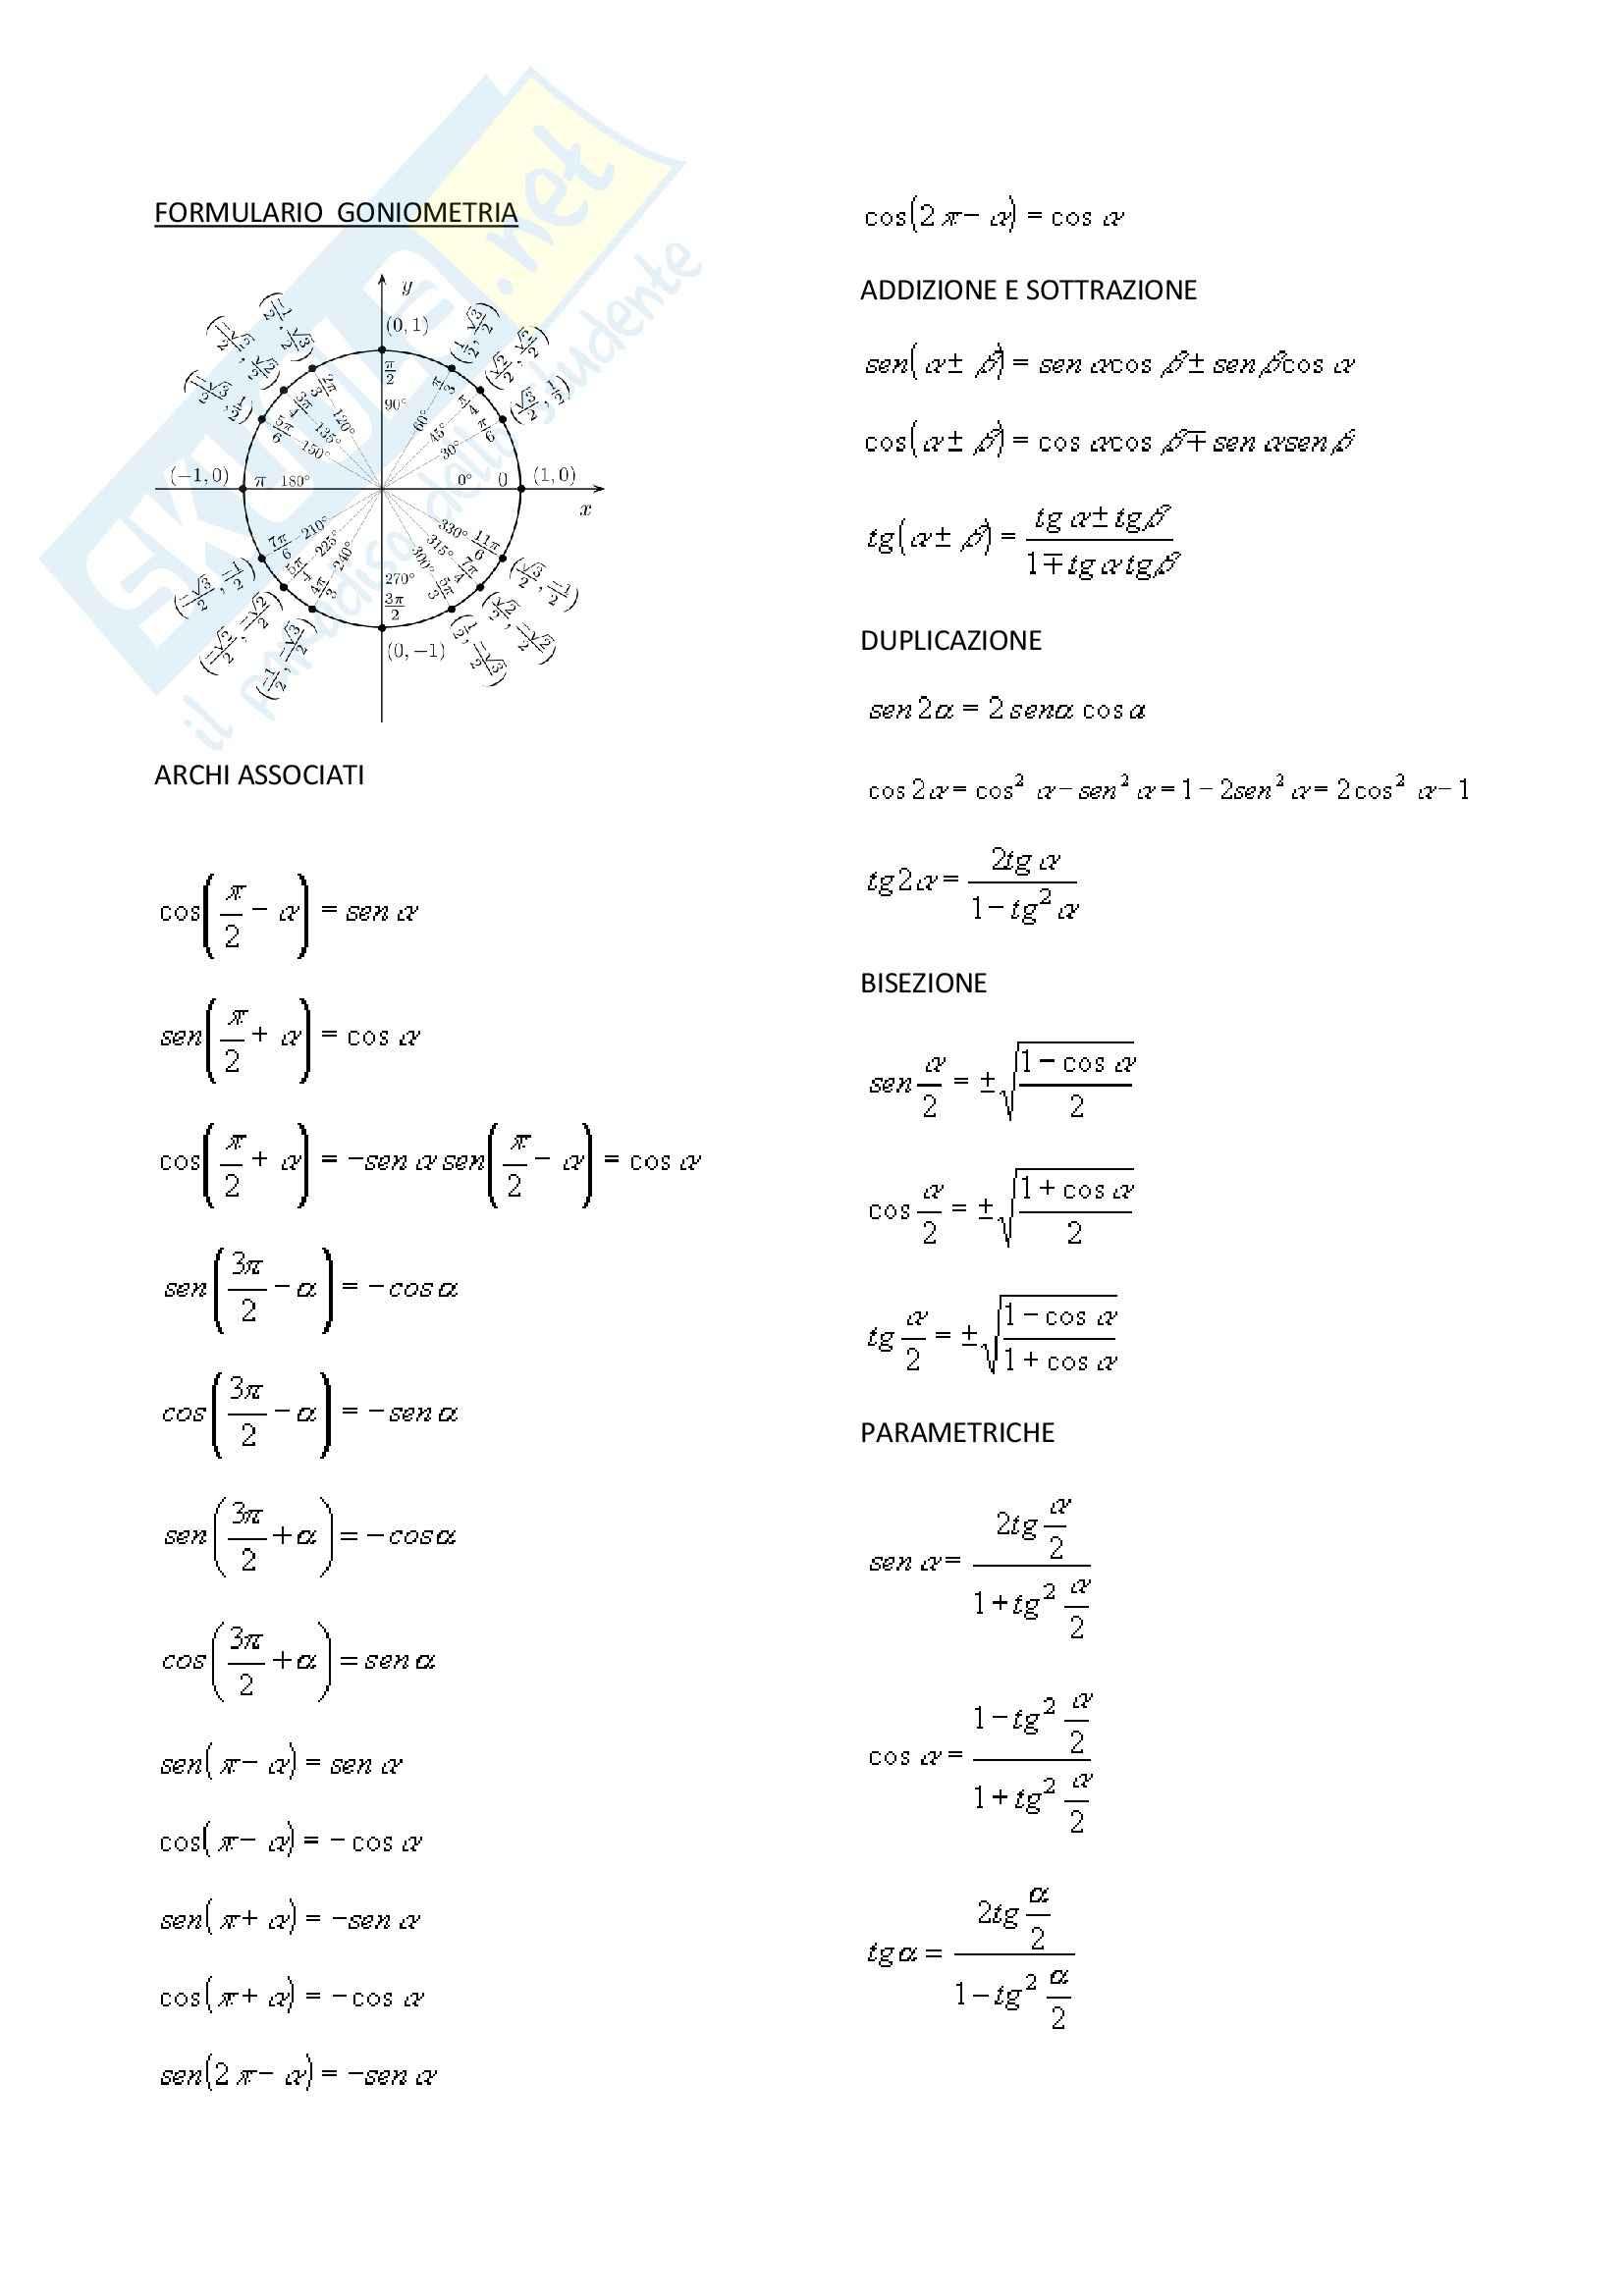 Formulario di goniometria